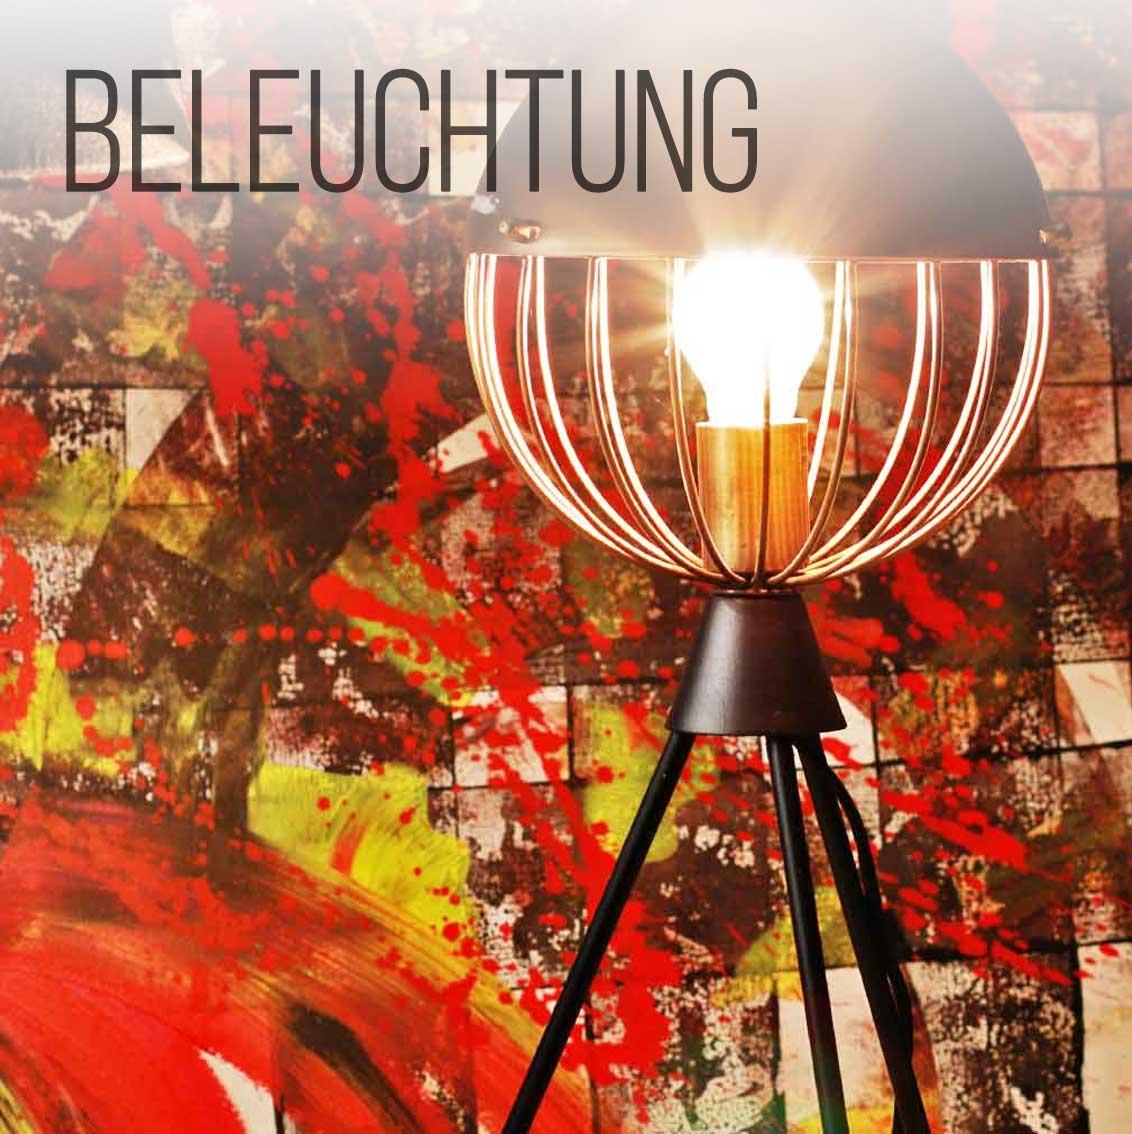 dero_beleuchtung_main